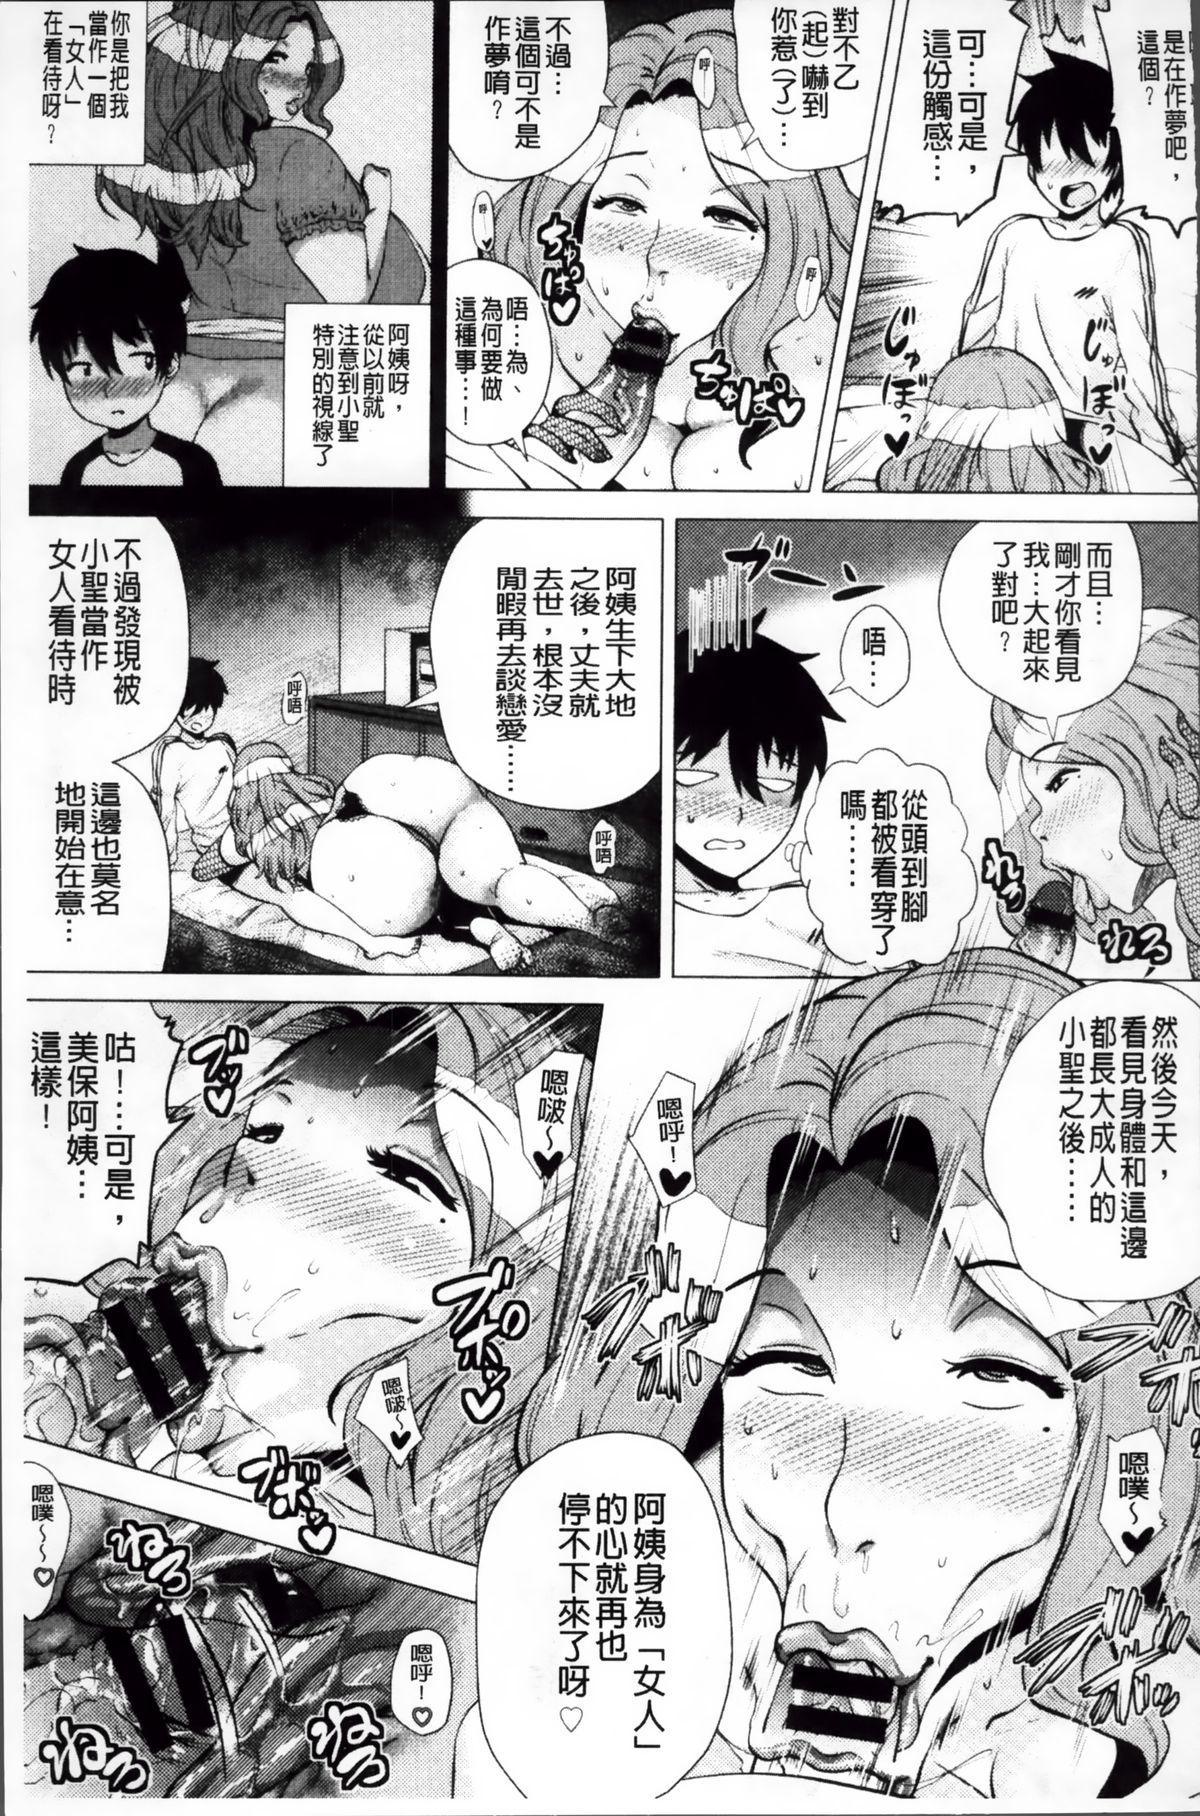 Megabody Night - Watashi no Oniku o Meshiagare 78